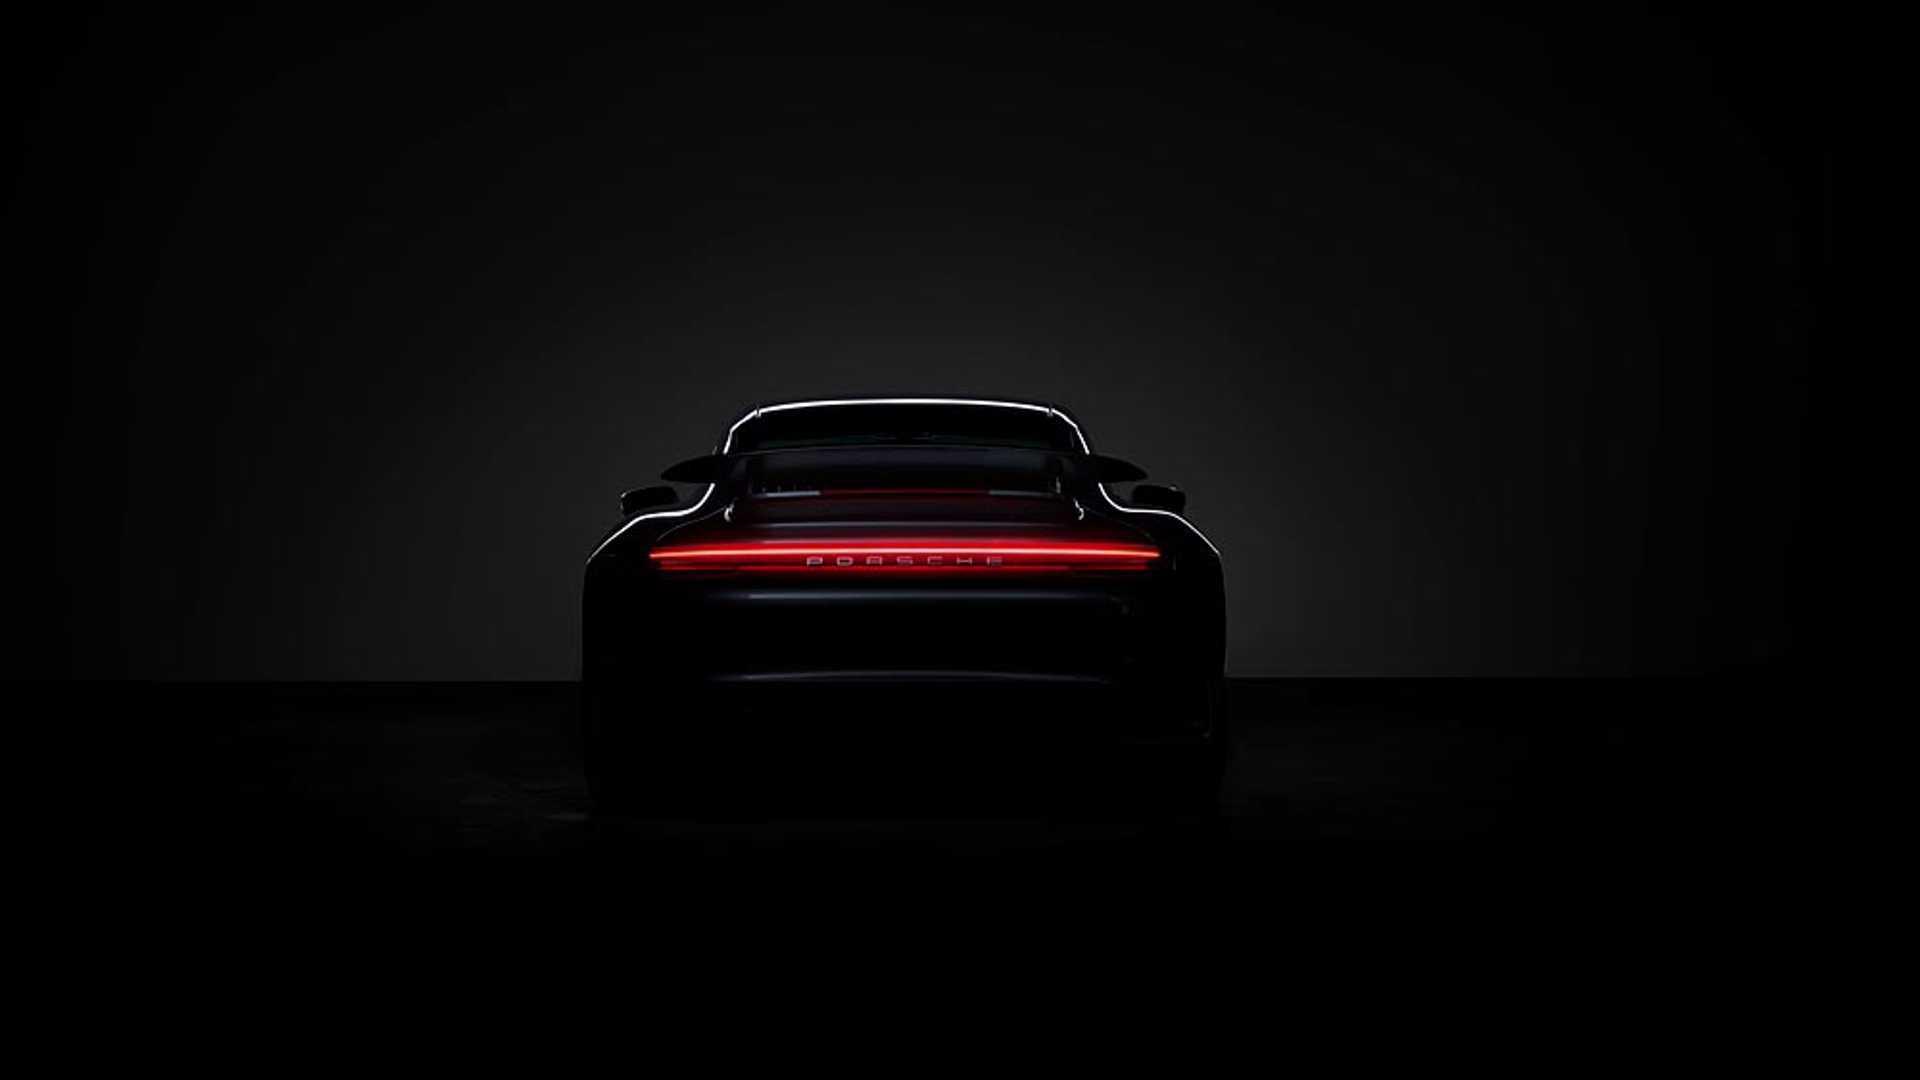 Porsche 911 Turbo S New Teaser